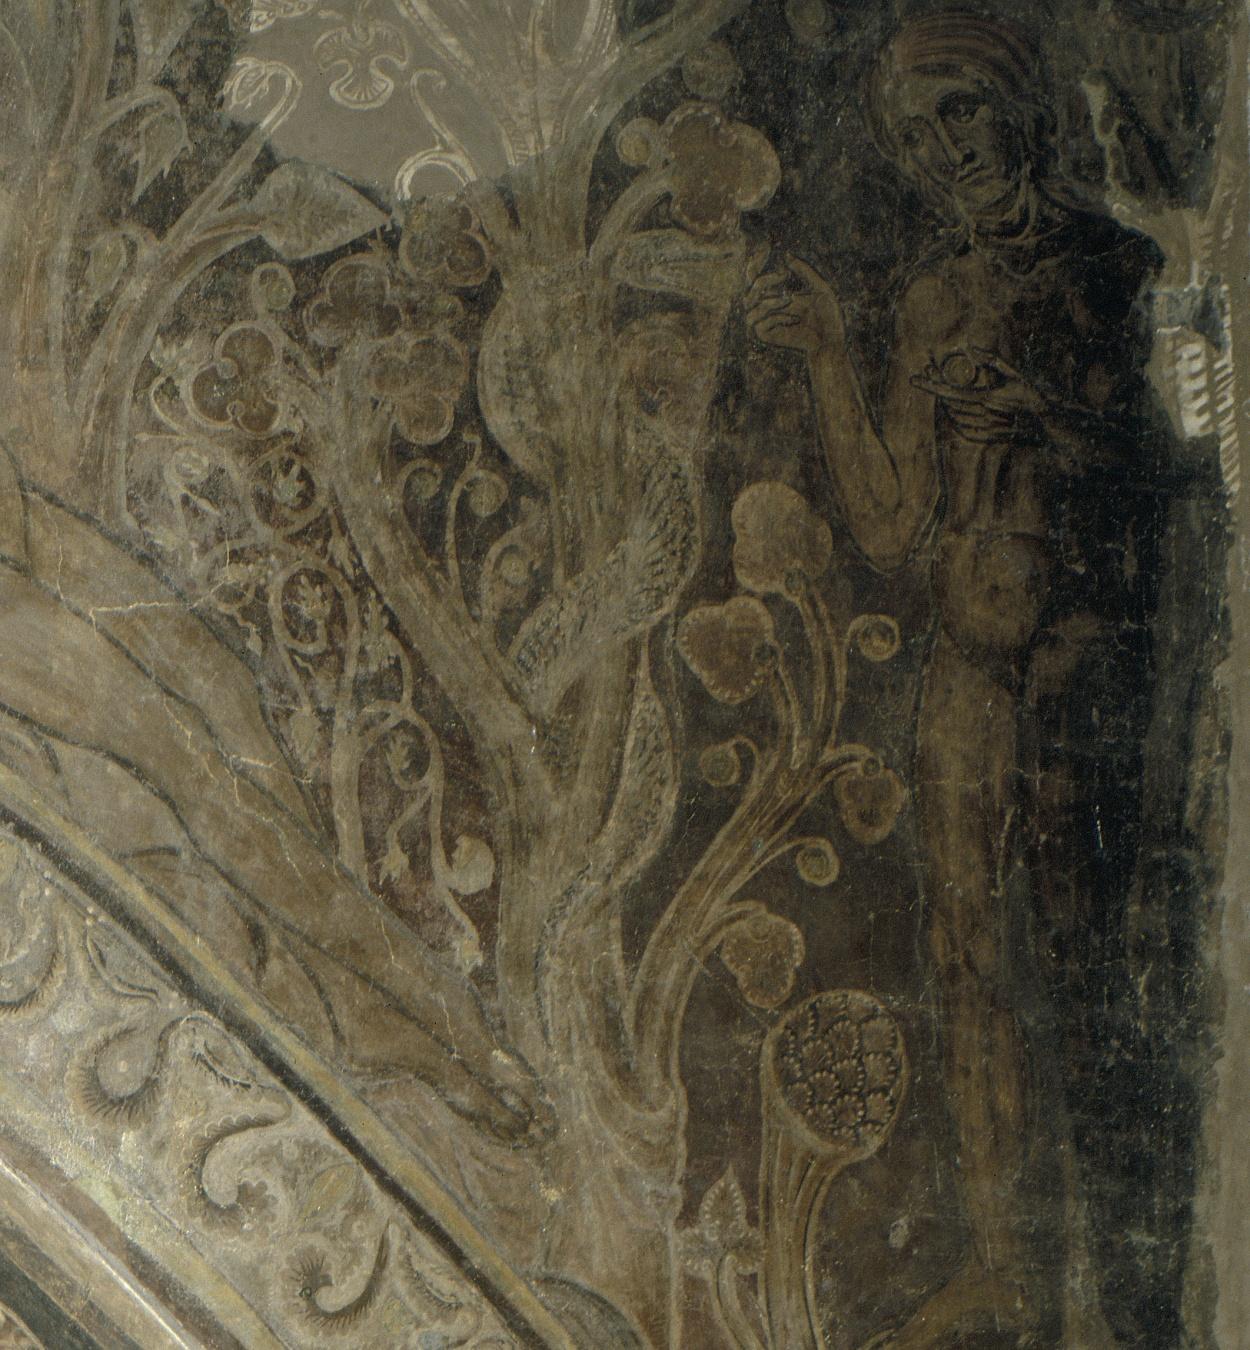 Mestre de la sala capitular de Sixena - Pecat Original, de la sala capitular de Sixena - Entre 1196-1200 [2]